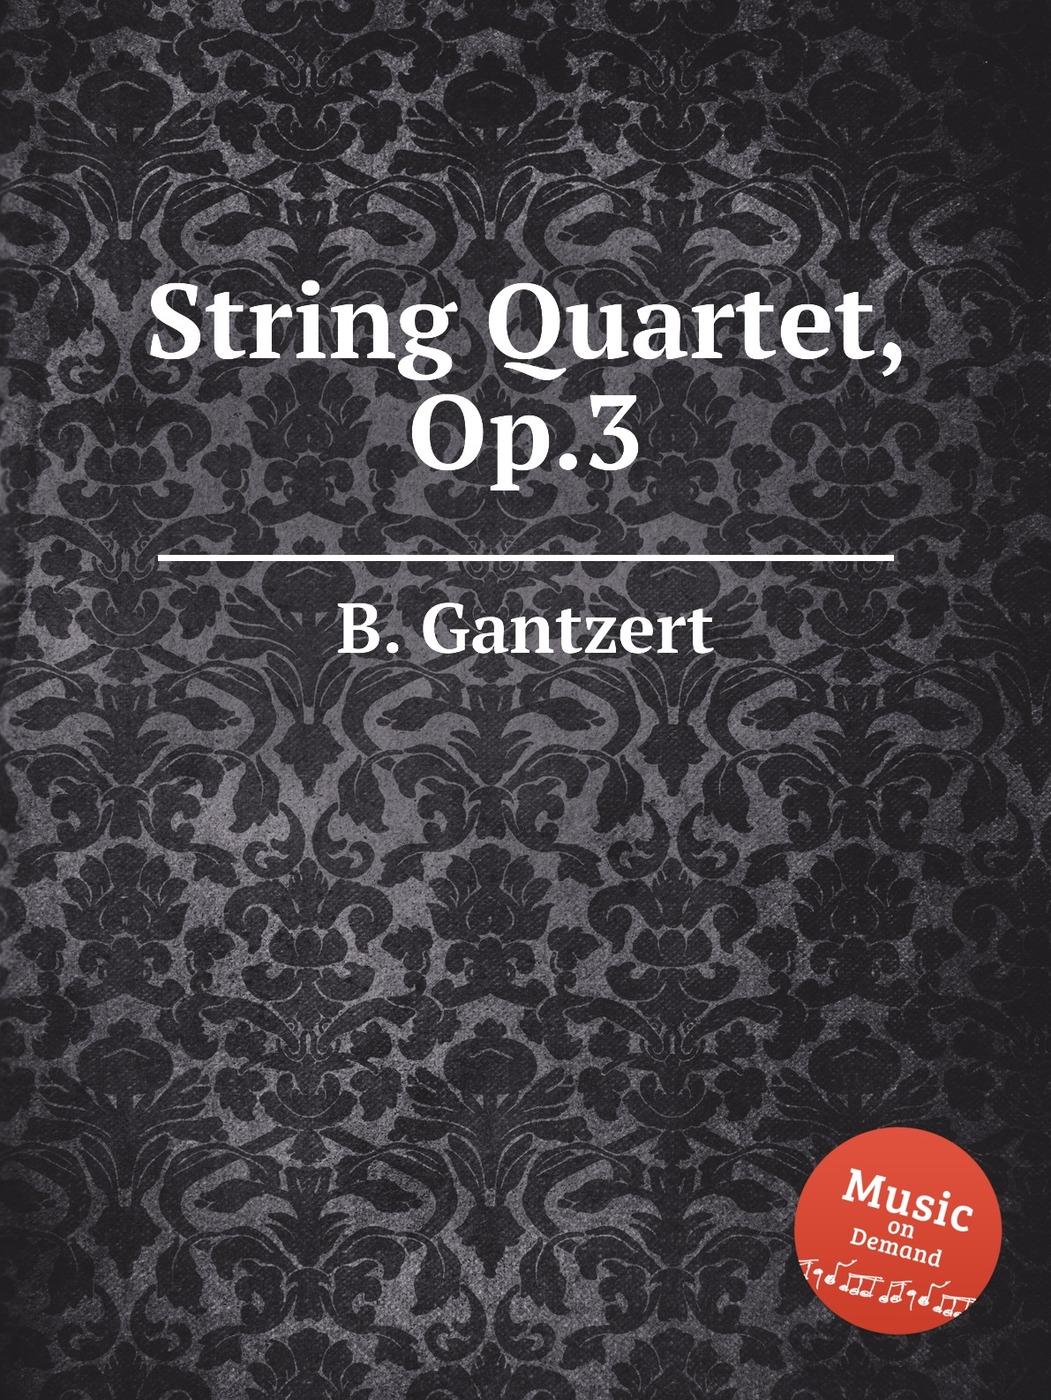 String Quartet, Op.3